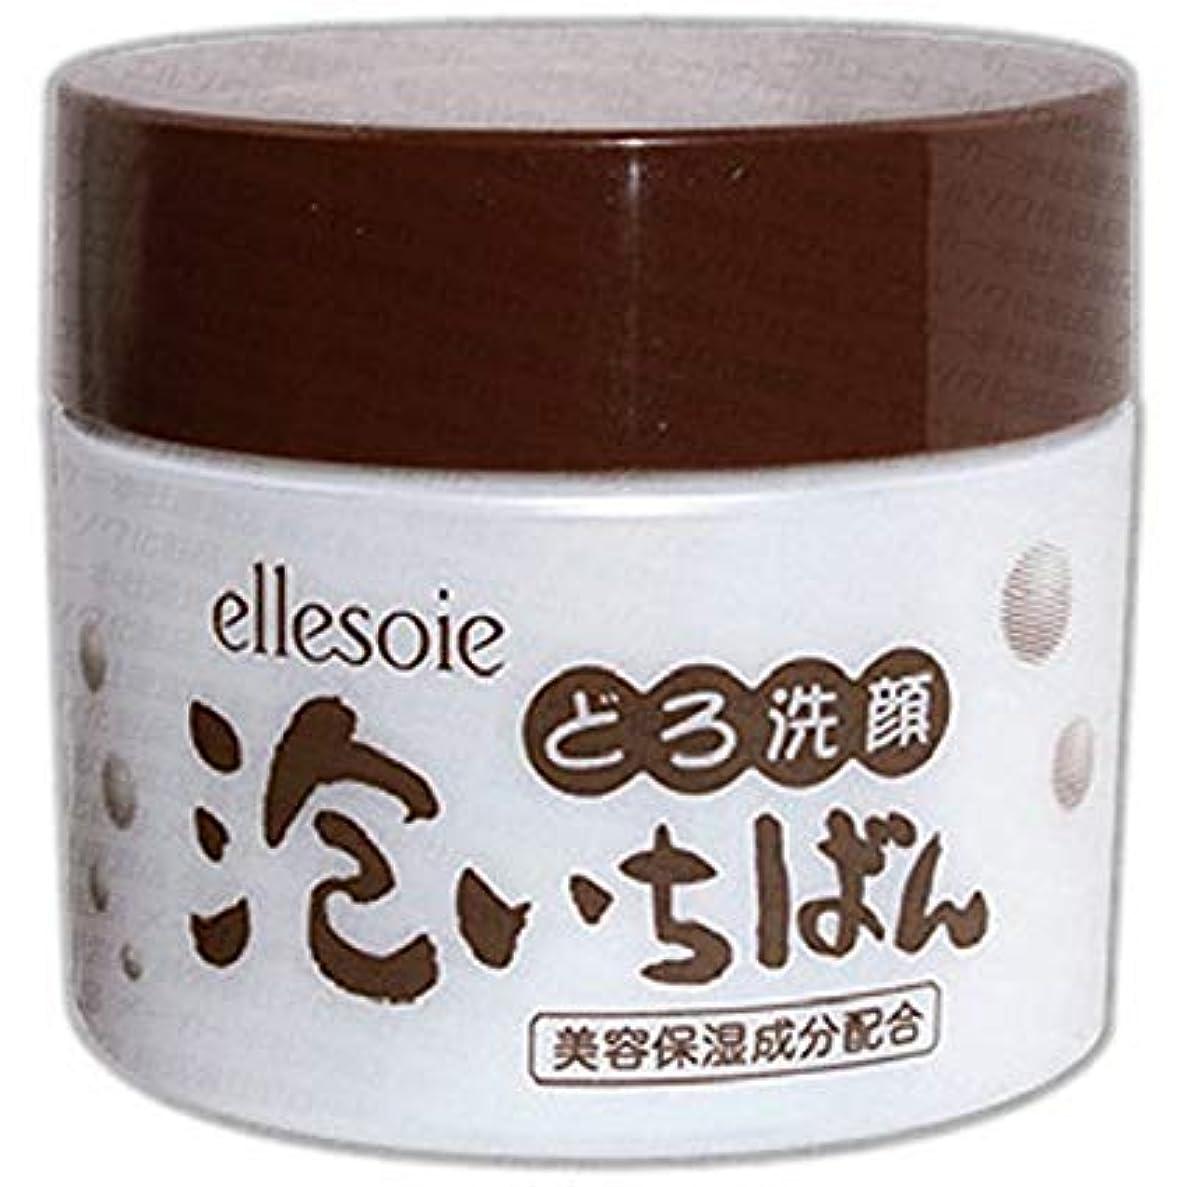 キャンパスペア狂ったエルソワ化粧品(ellesoie) どろ洗顔 泡いちばん 120g入り (ジャー容器入り120g)